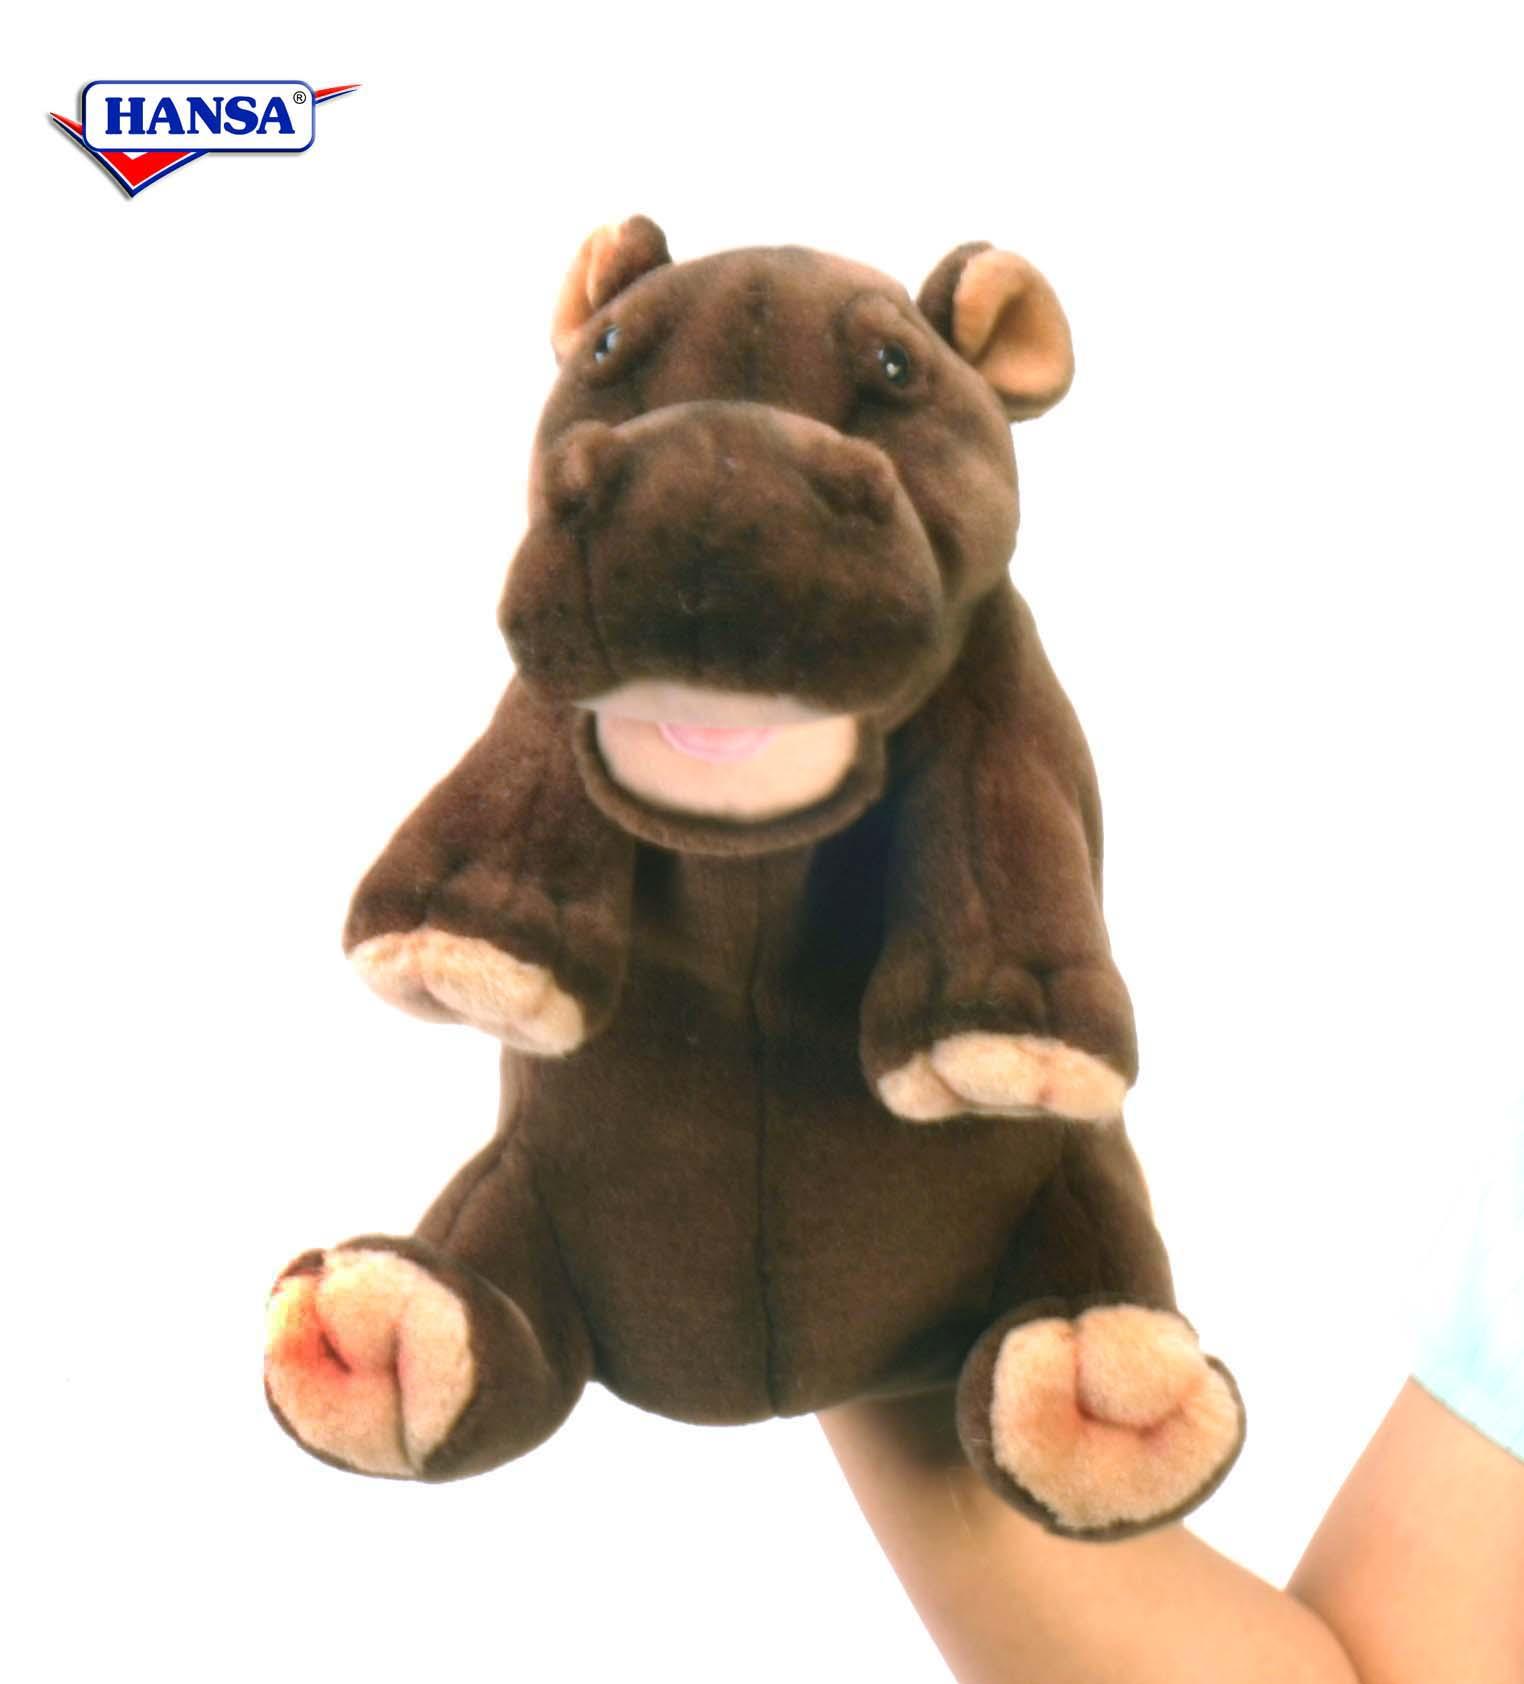 Игрушка на руку - Гиппопотам, 24 смДетский кукольный театр <br>Игрушка на руку - Гиппопотам, 24 см<br>